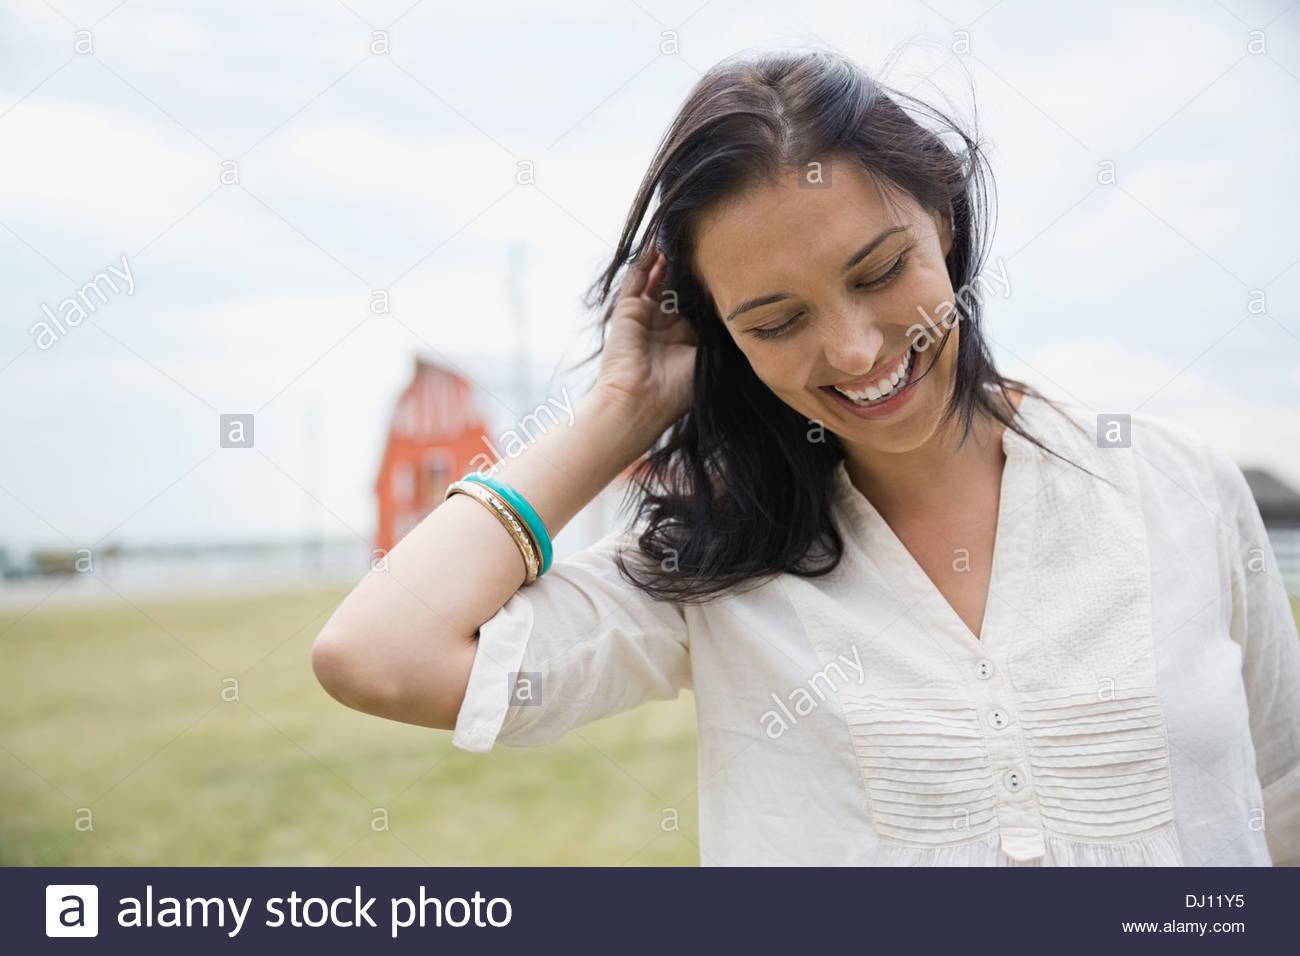 Ritratto di donna sorridente all'aperto Immagini Stock